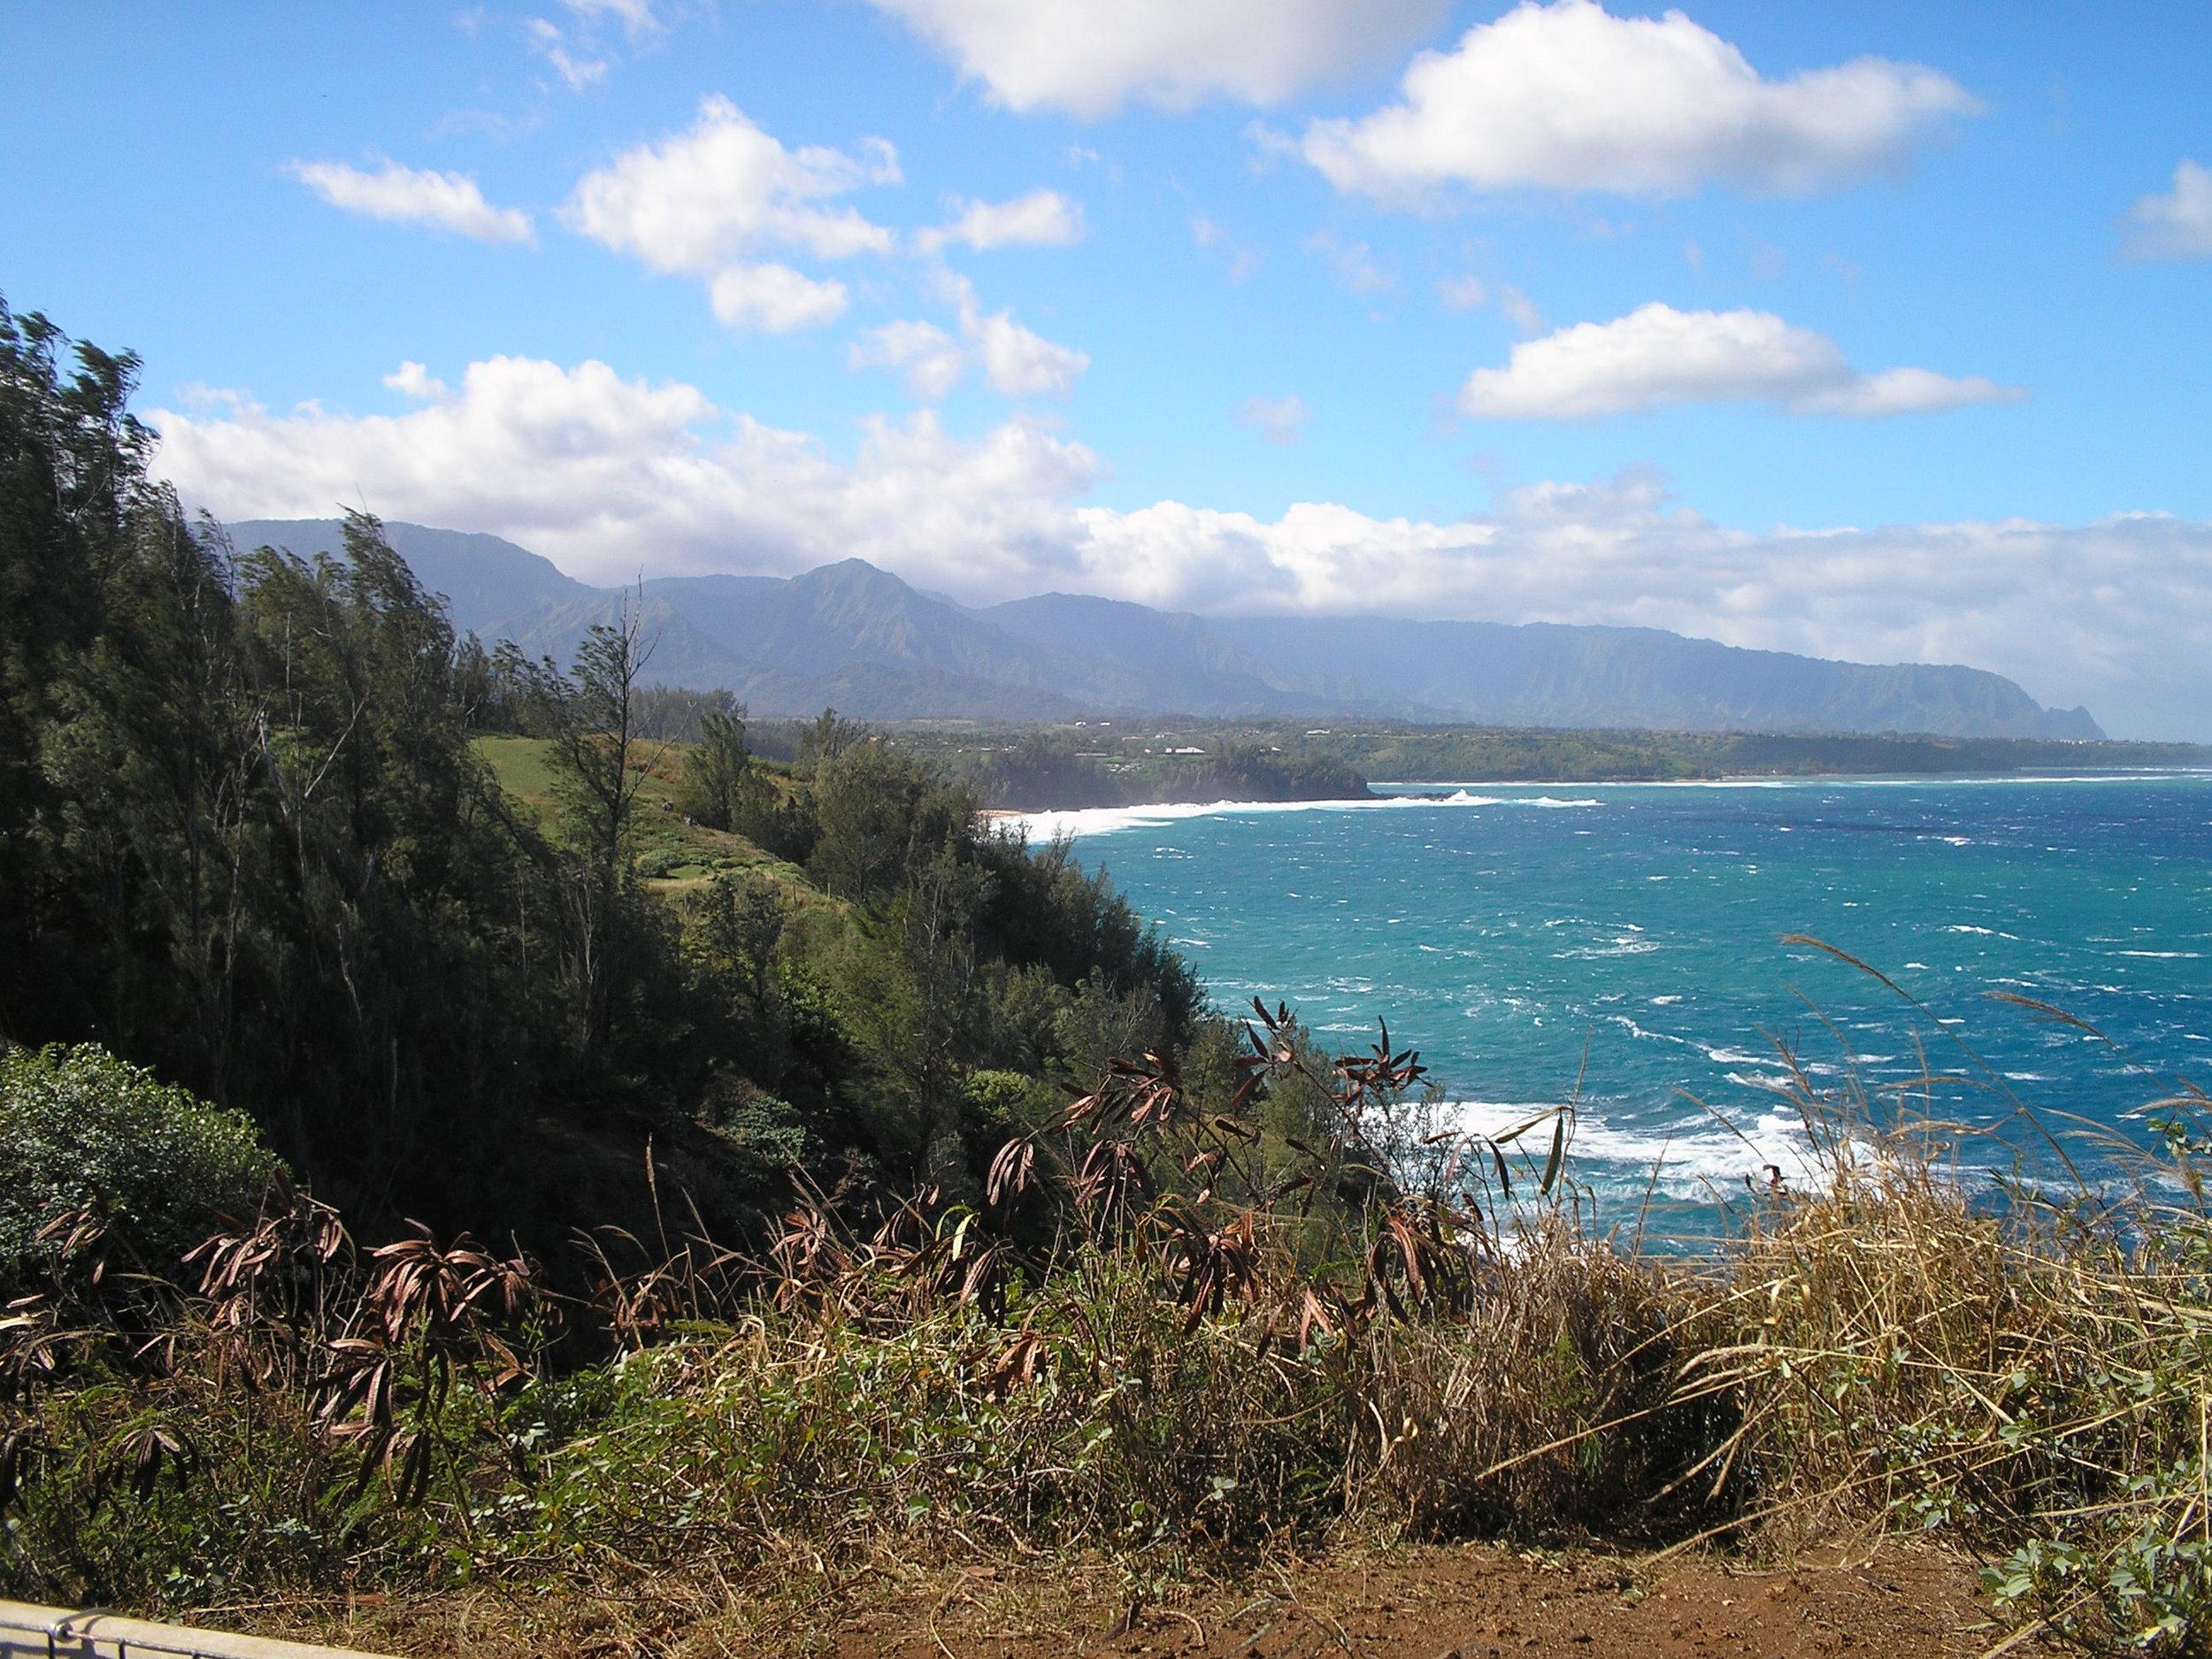 north shore from kilauea point.jpg